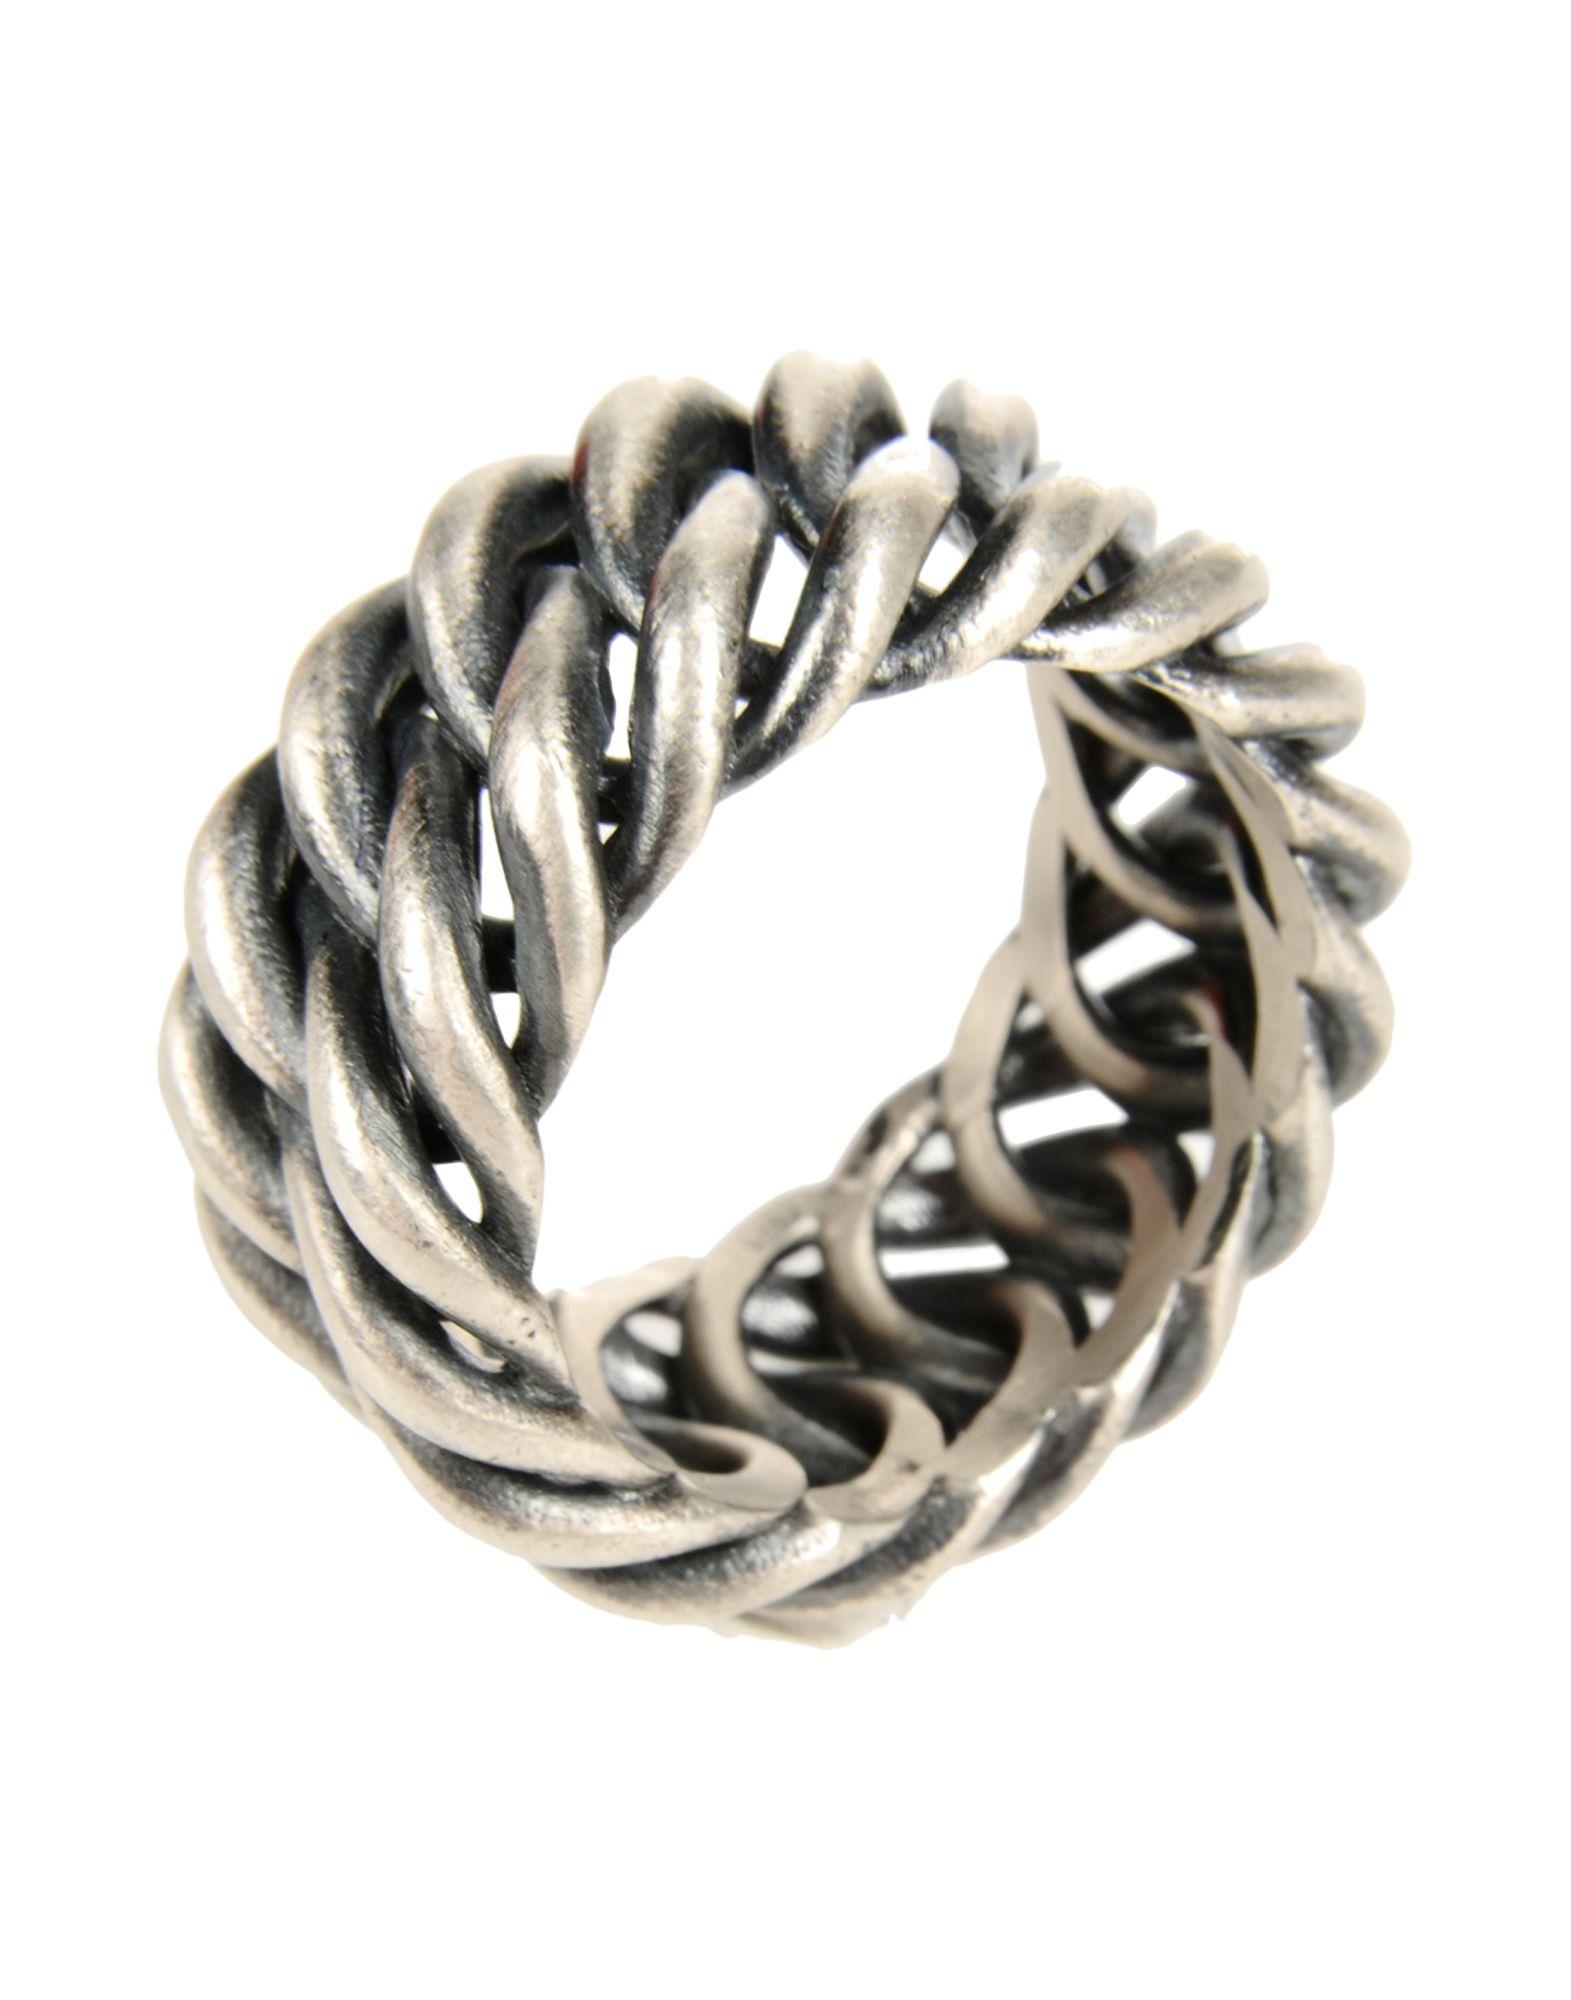 《期間限定 セール開催中》FIRST PEOPLE FIRST メンズ 指輪 シルバー 20 シルバー925/1000 CHAIN RING